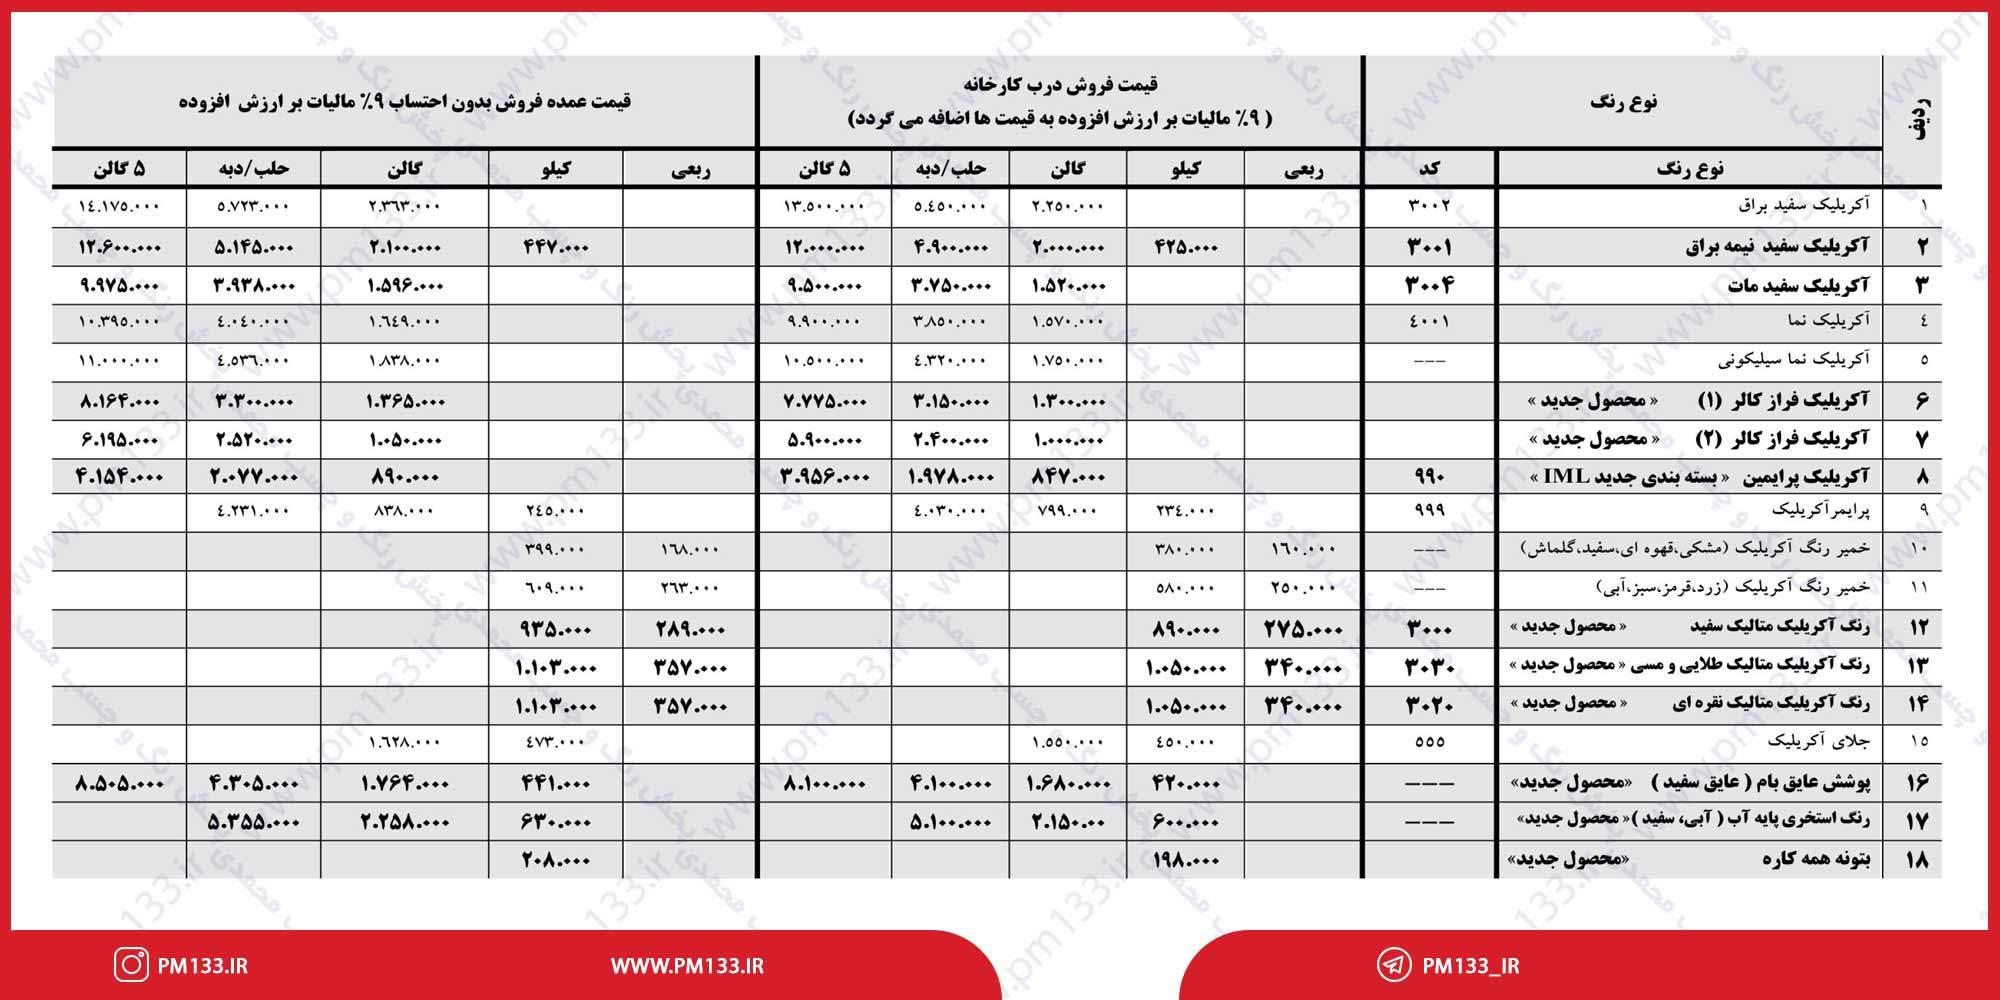 لیست قیمت فرازپیشه 04-02-1400 صفحه 3